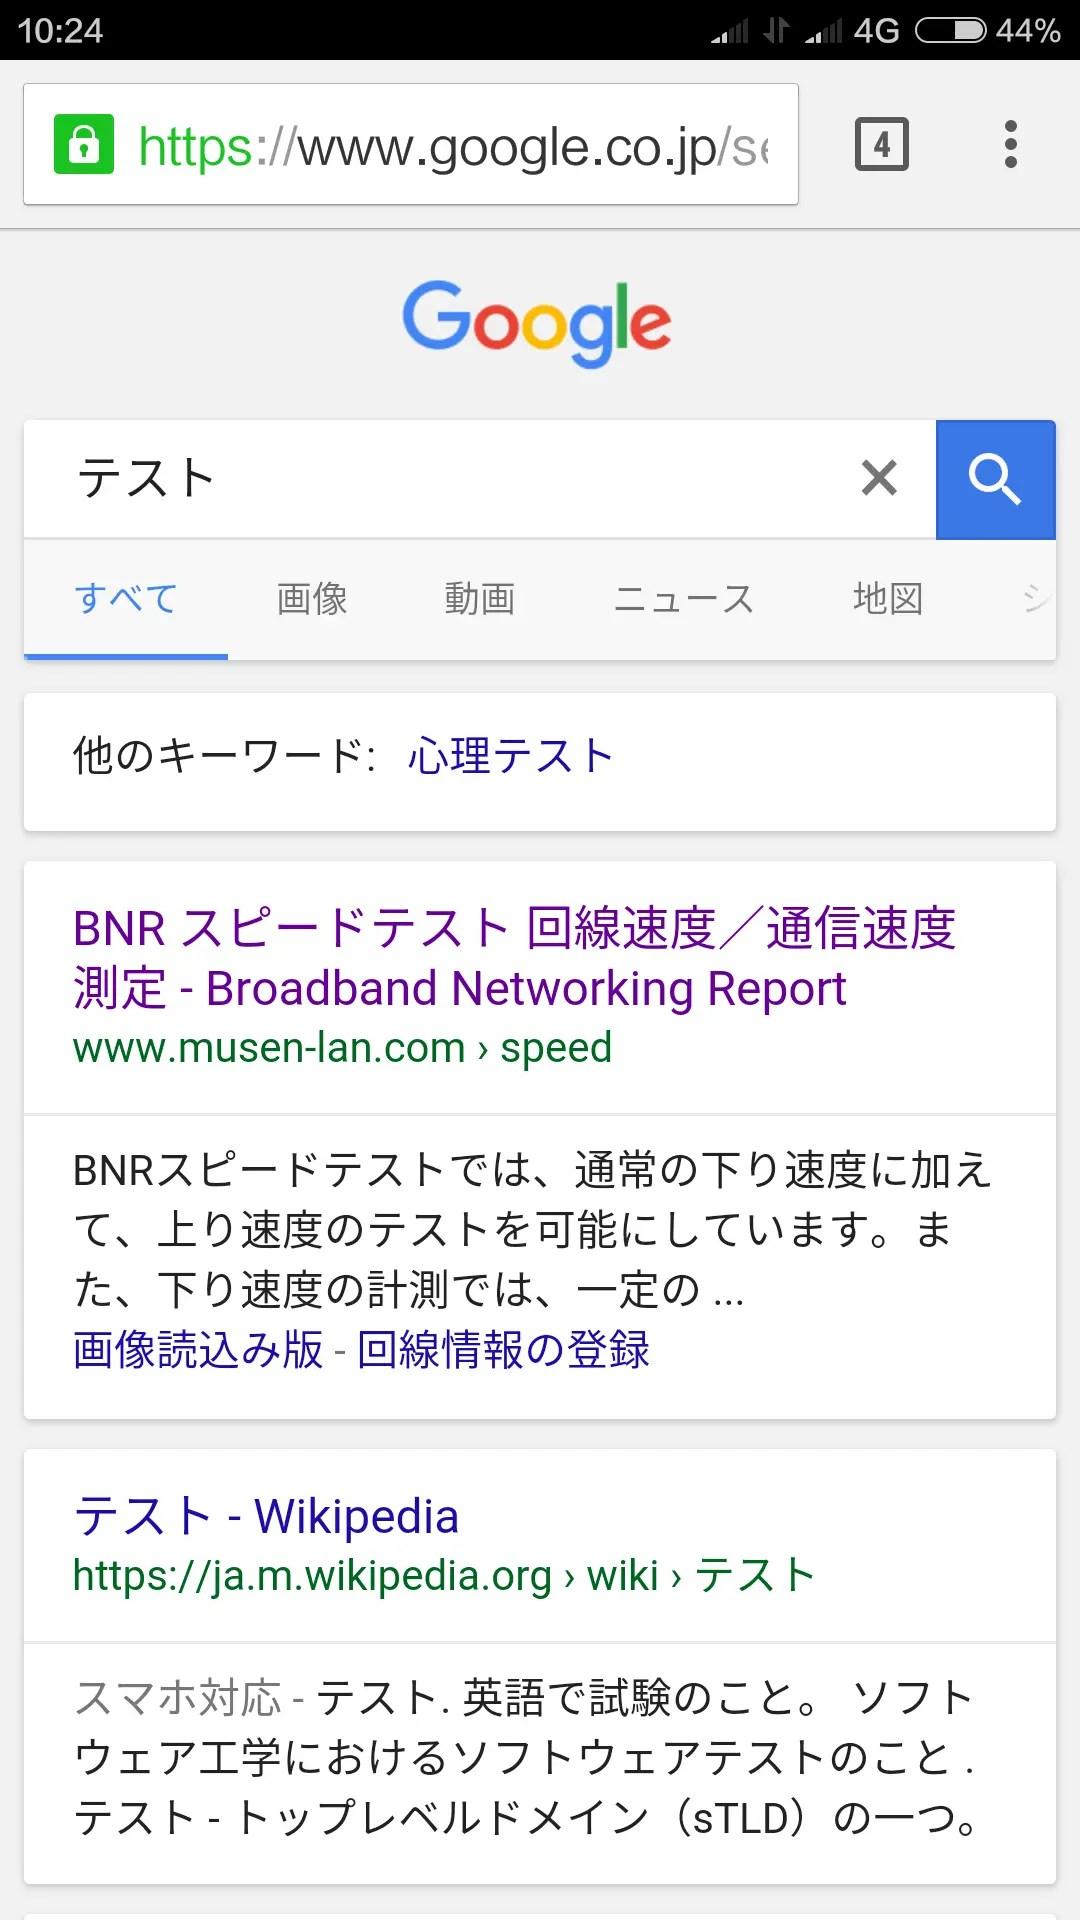 適当に検索してサイトを表示しようとすると、